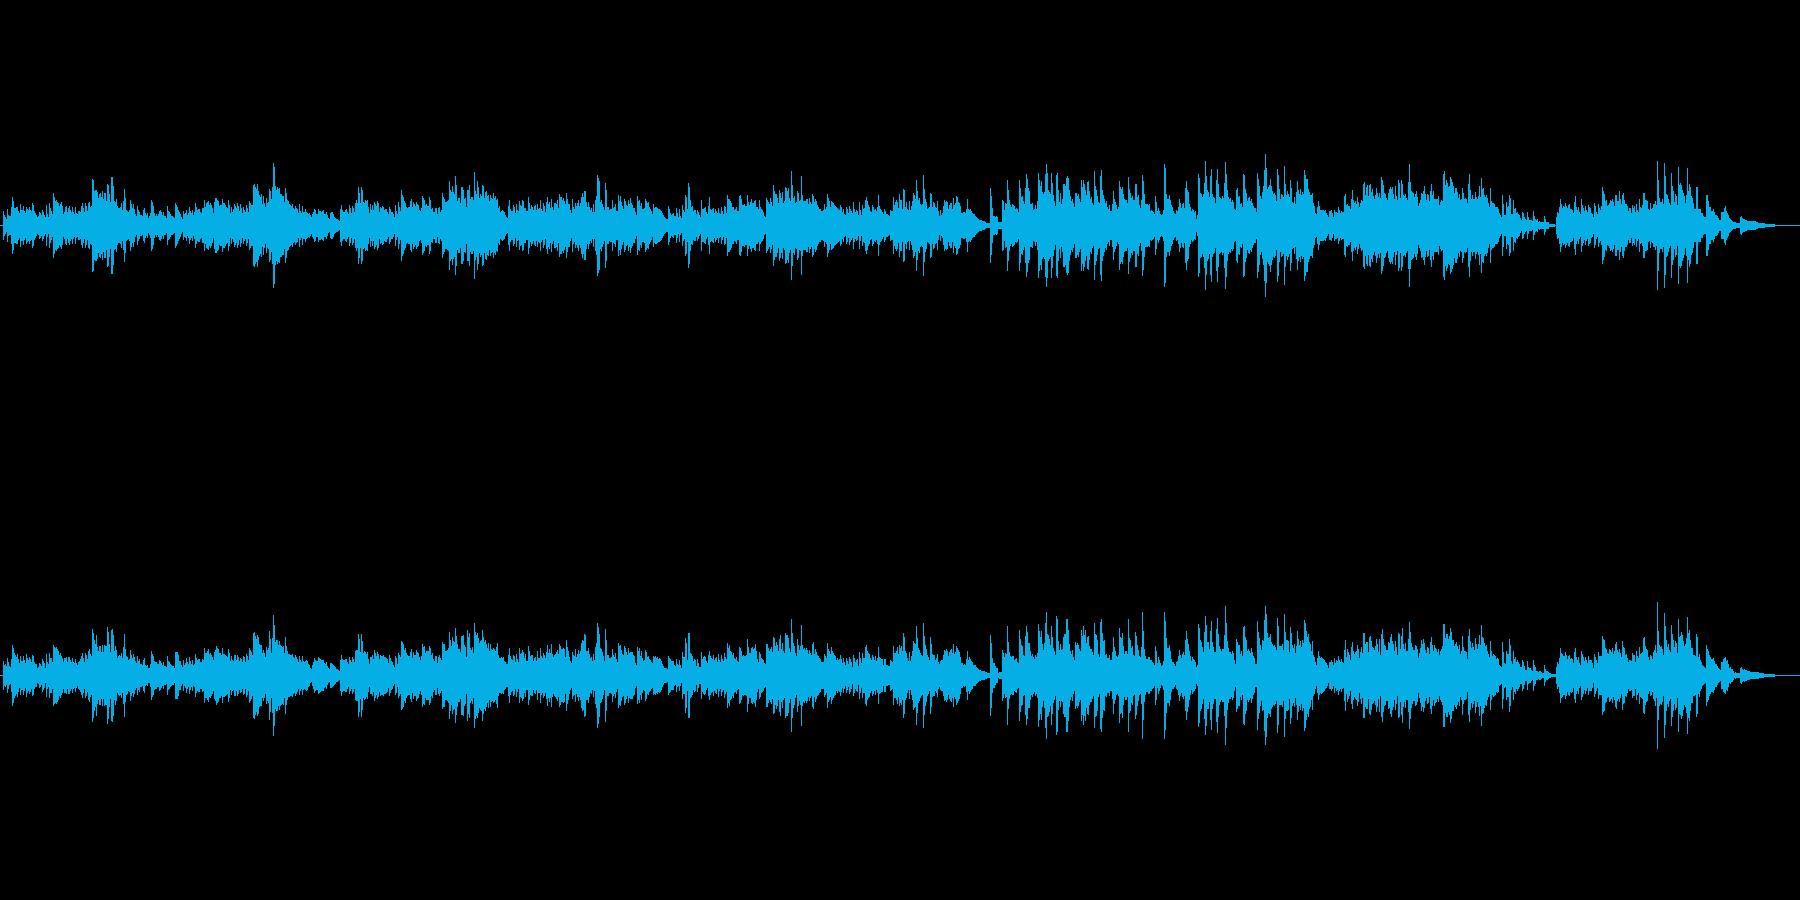 素朴なハープソロ『さらばピアノよ』の再生済みの波形